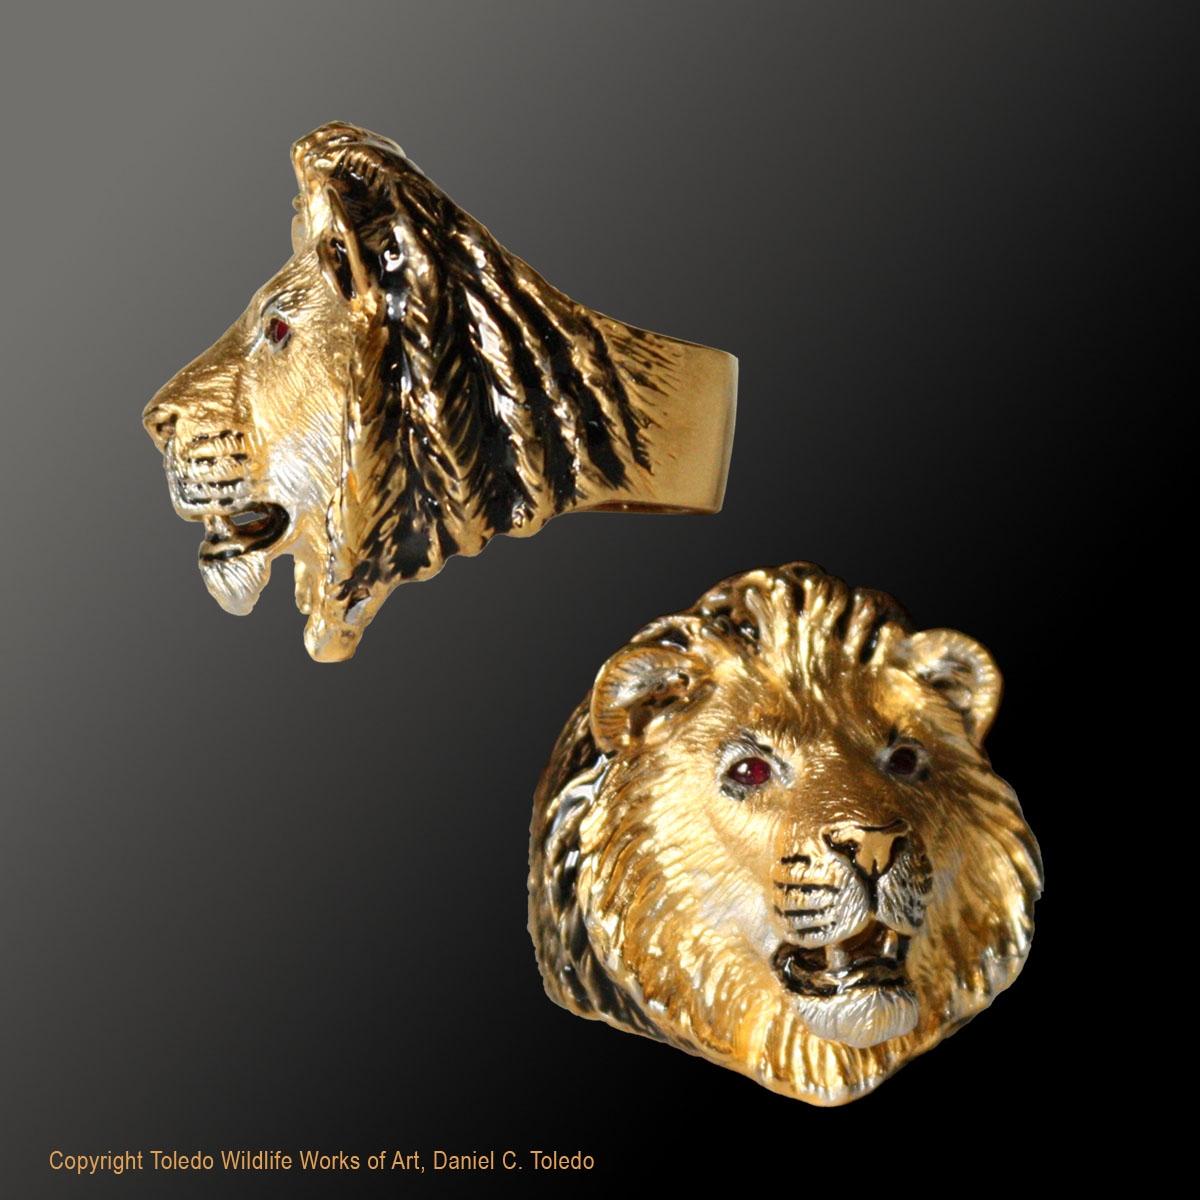 dcd6a23b2 Lion Ring